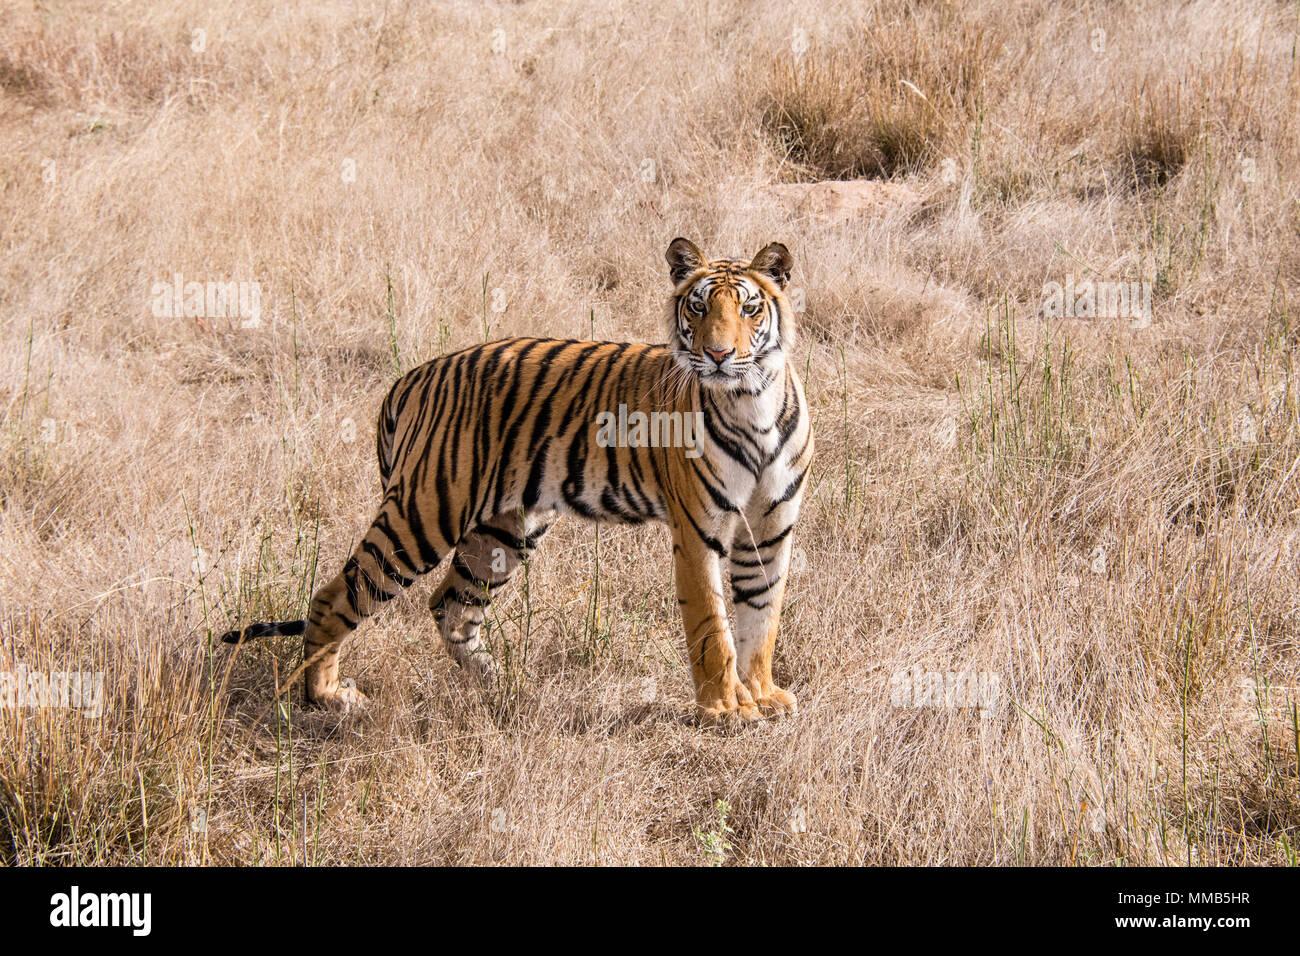 Two year old Bengal Tiger cub, Panthera tigris tigris, standing in dry grass Bandhavgarh Tiger Reserve, Madhya Pradesh, India - Stock Image